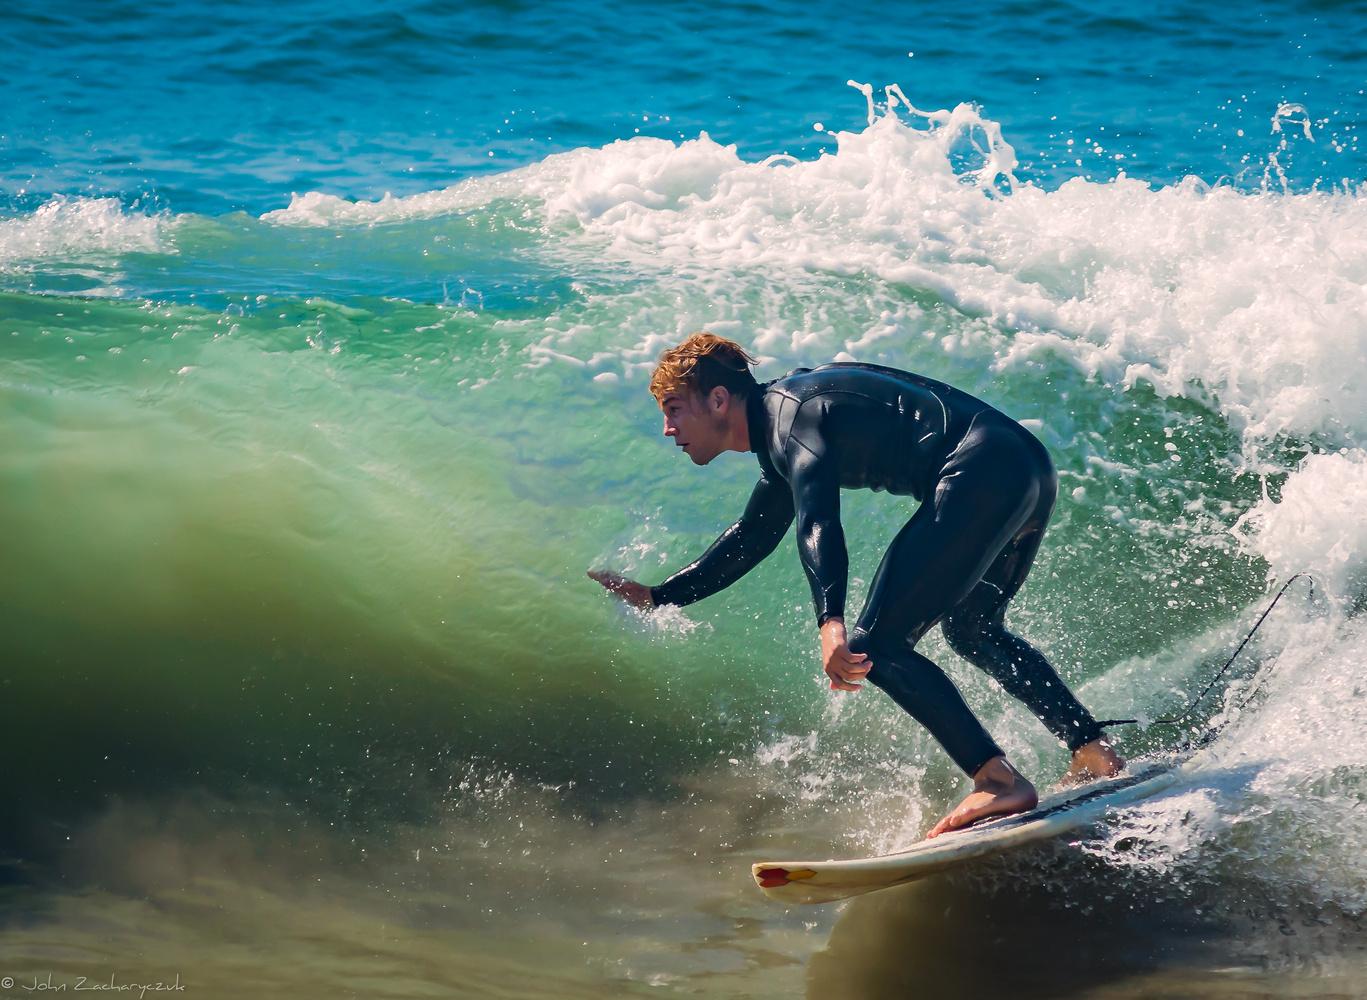 Malibu Surfer by John Zacharyczuk